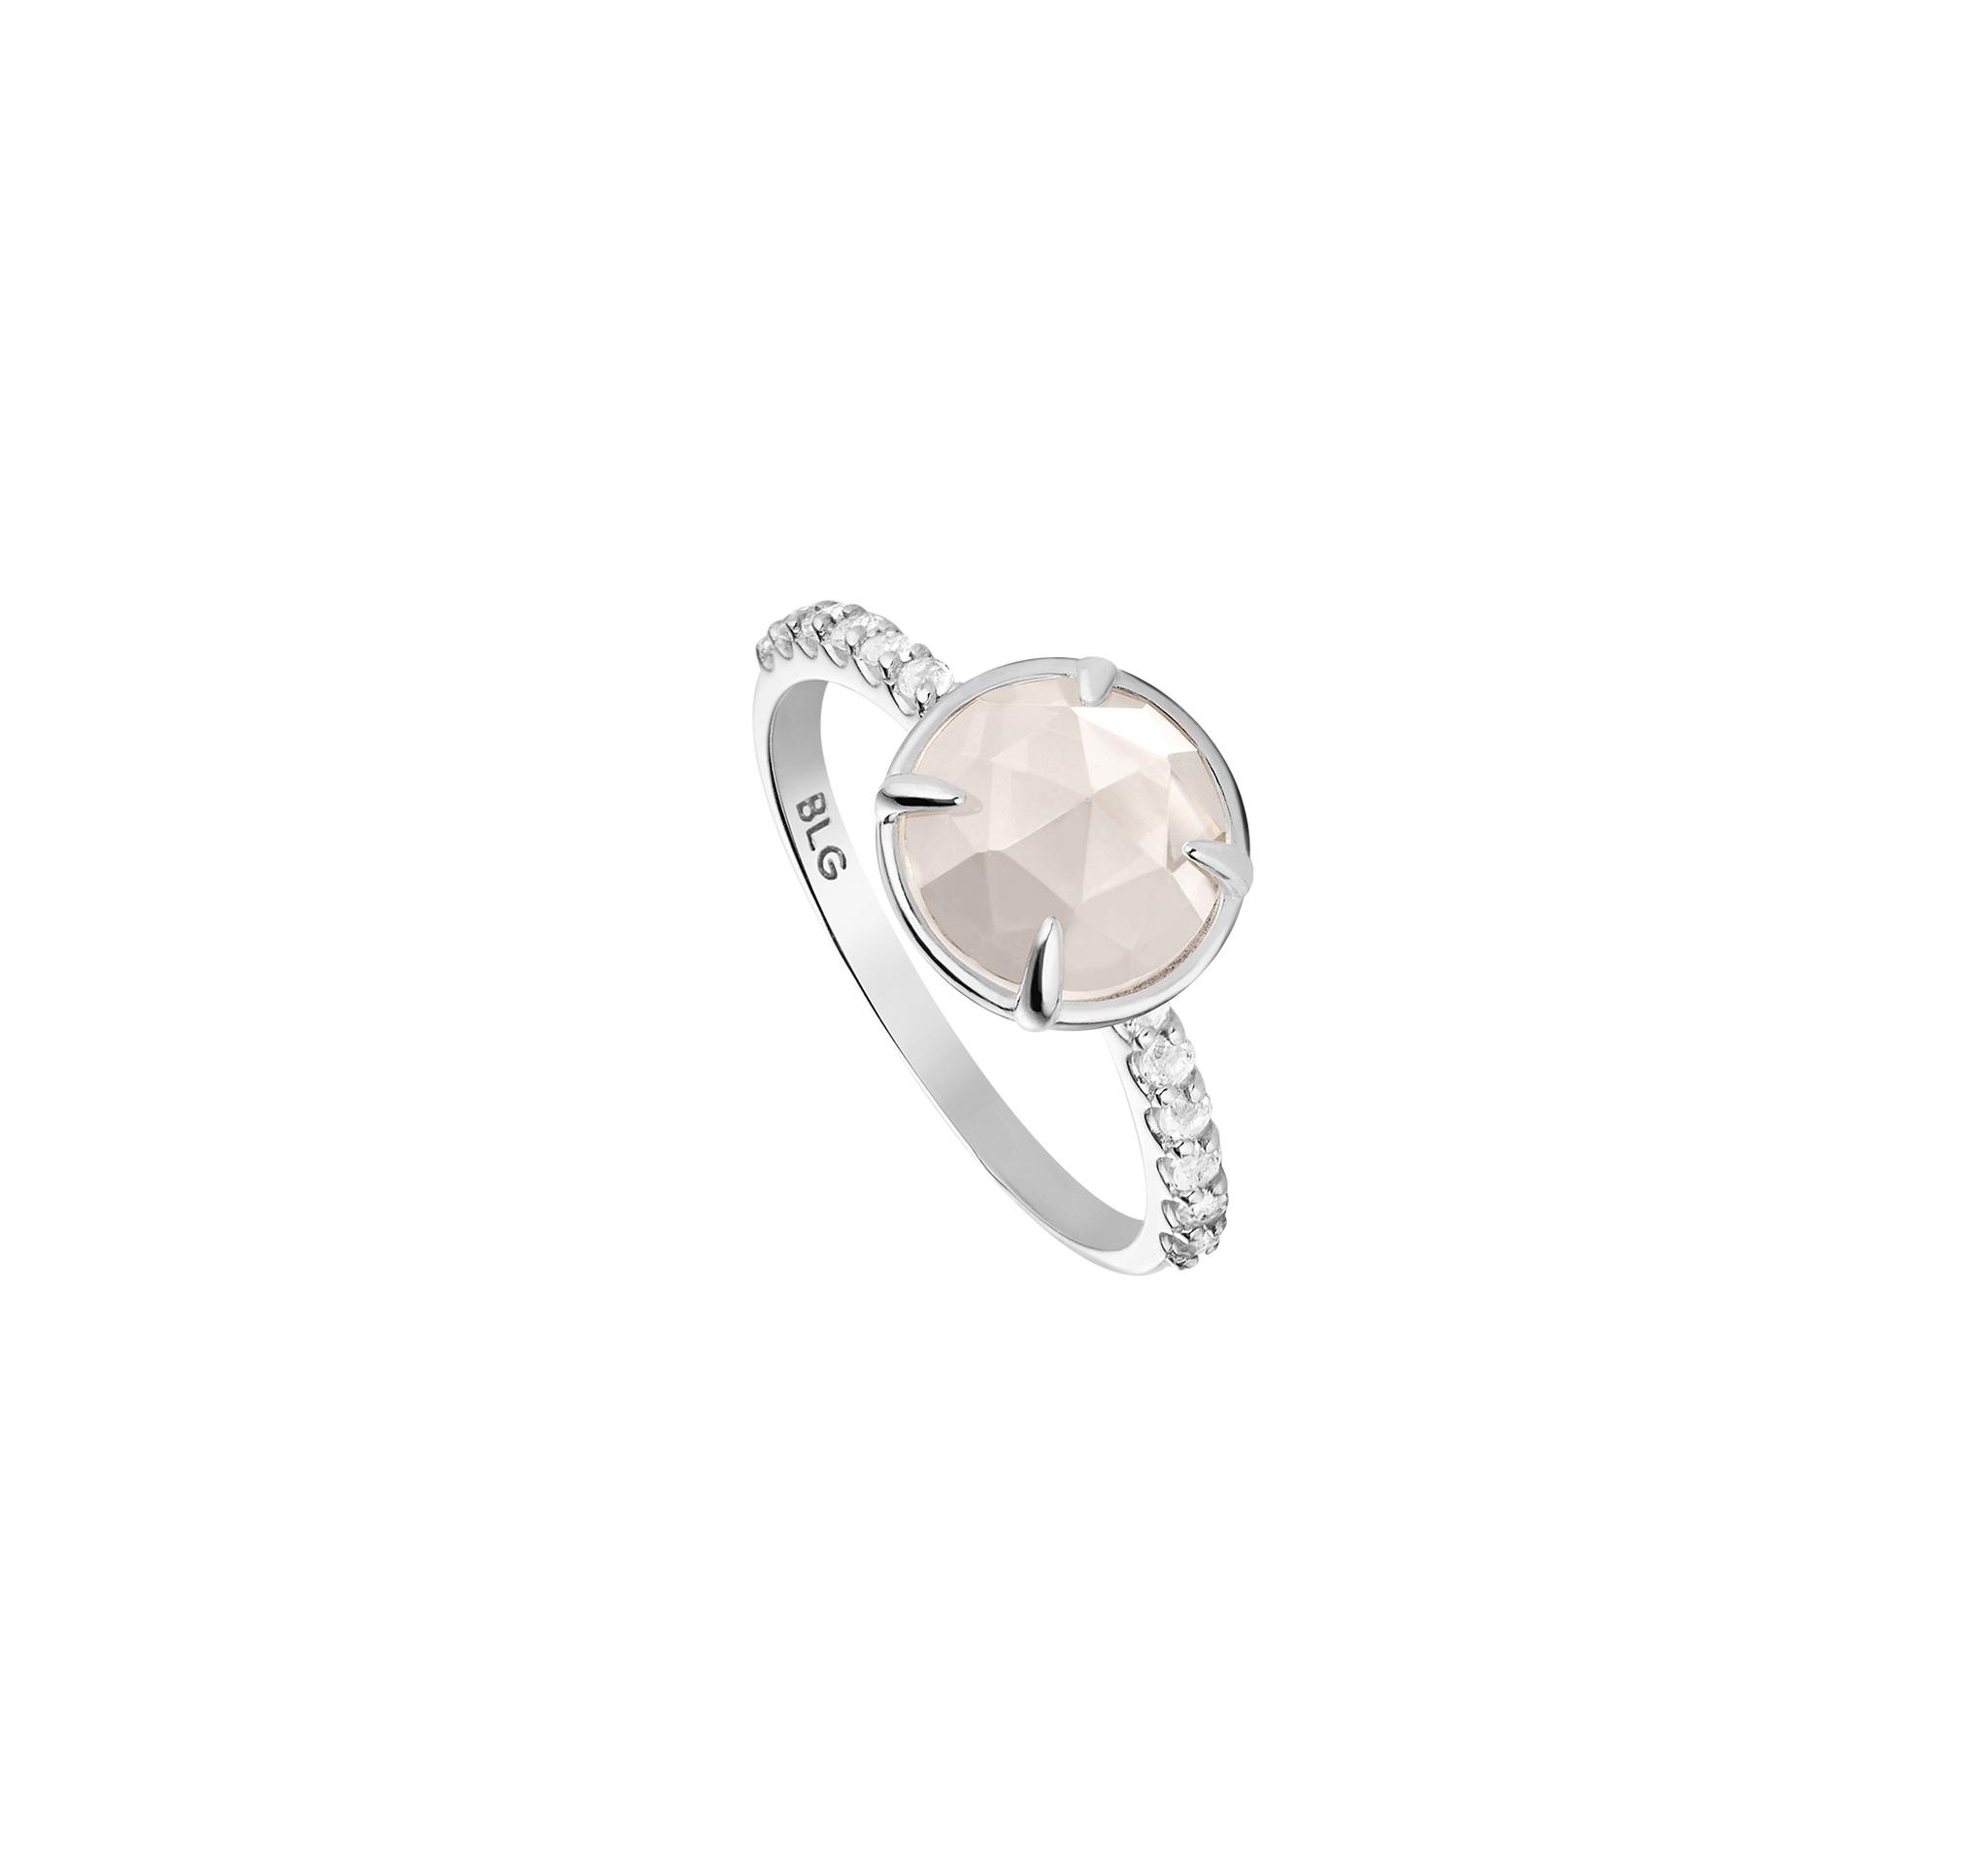 Нежное тонкое кольцо из серебра с белыми топазами